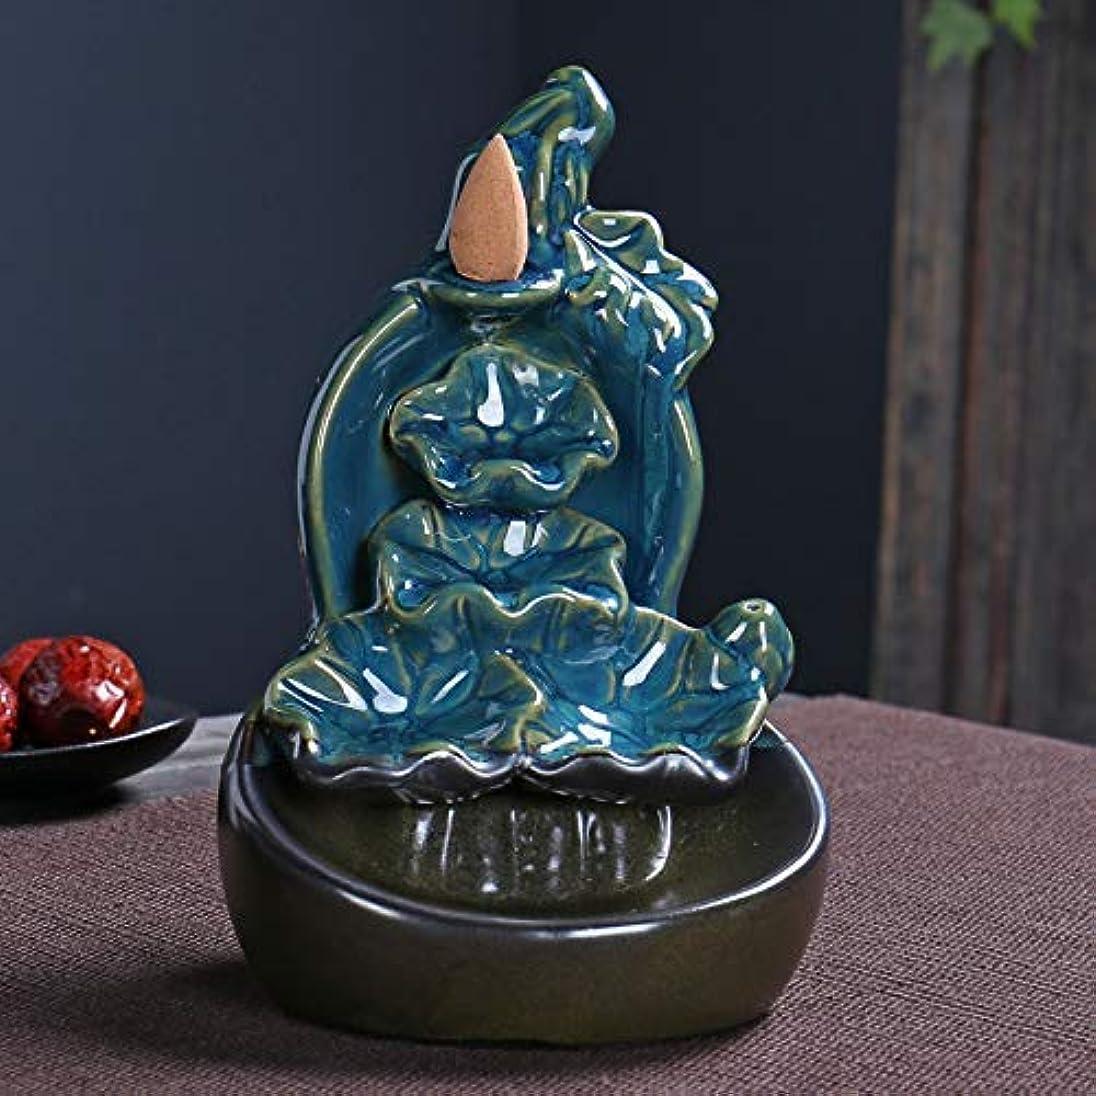 敬な意味するデジタルPHILOGOD 陶器 逆流香炉 蓮の葉クリエイティブスタイリング香炉 お香 ホルダー 香立て